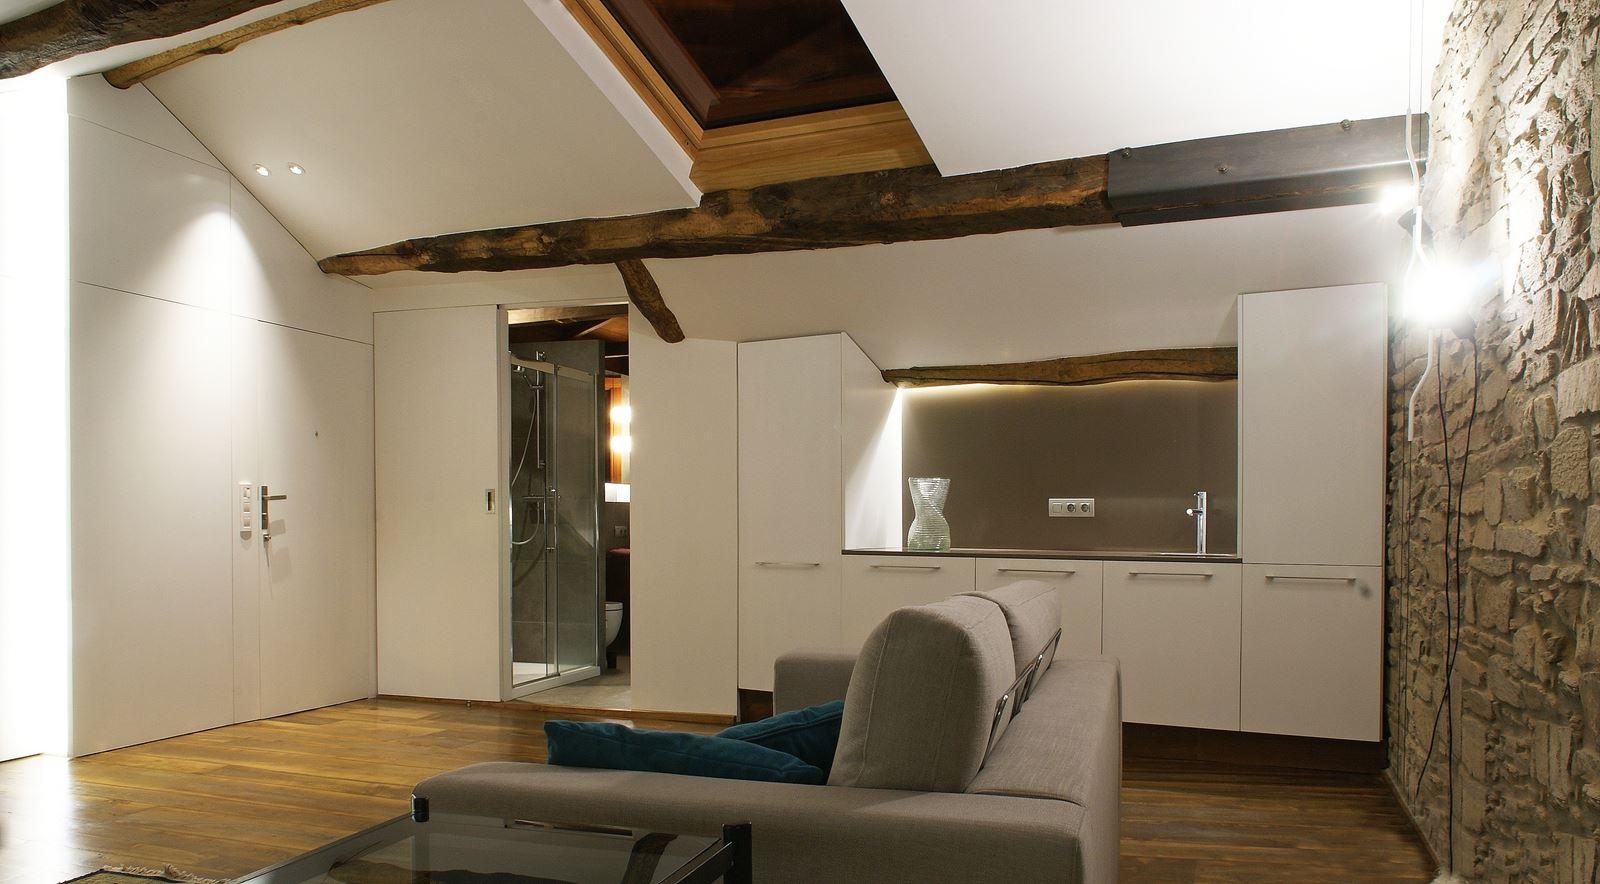 Ventilatore Soffitto Mansarda: Ventilatore soffitto lampada luce pale telecomando camera sala.